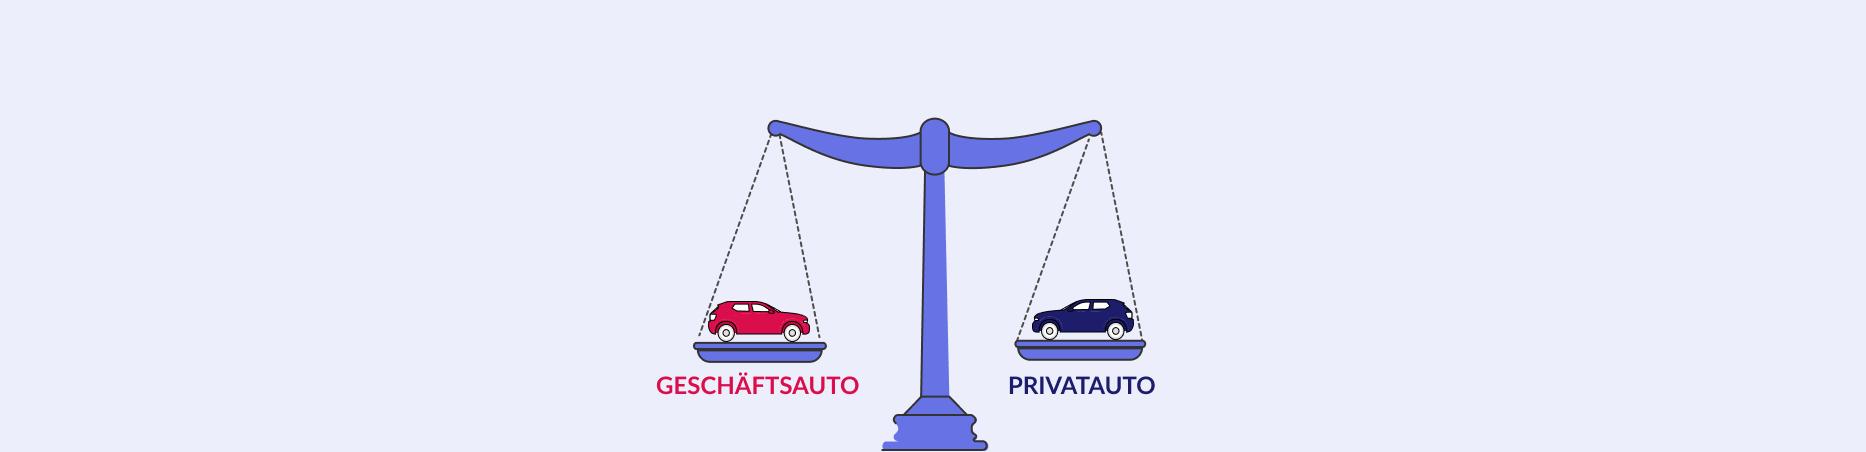 Vergleich von Geschäftsauto und Privatauto